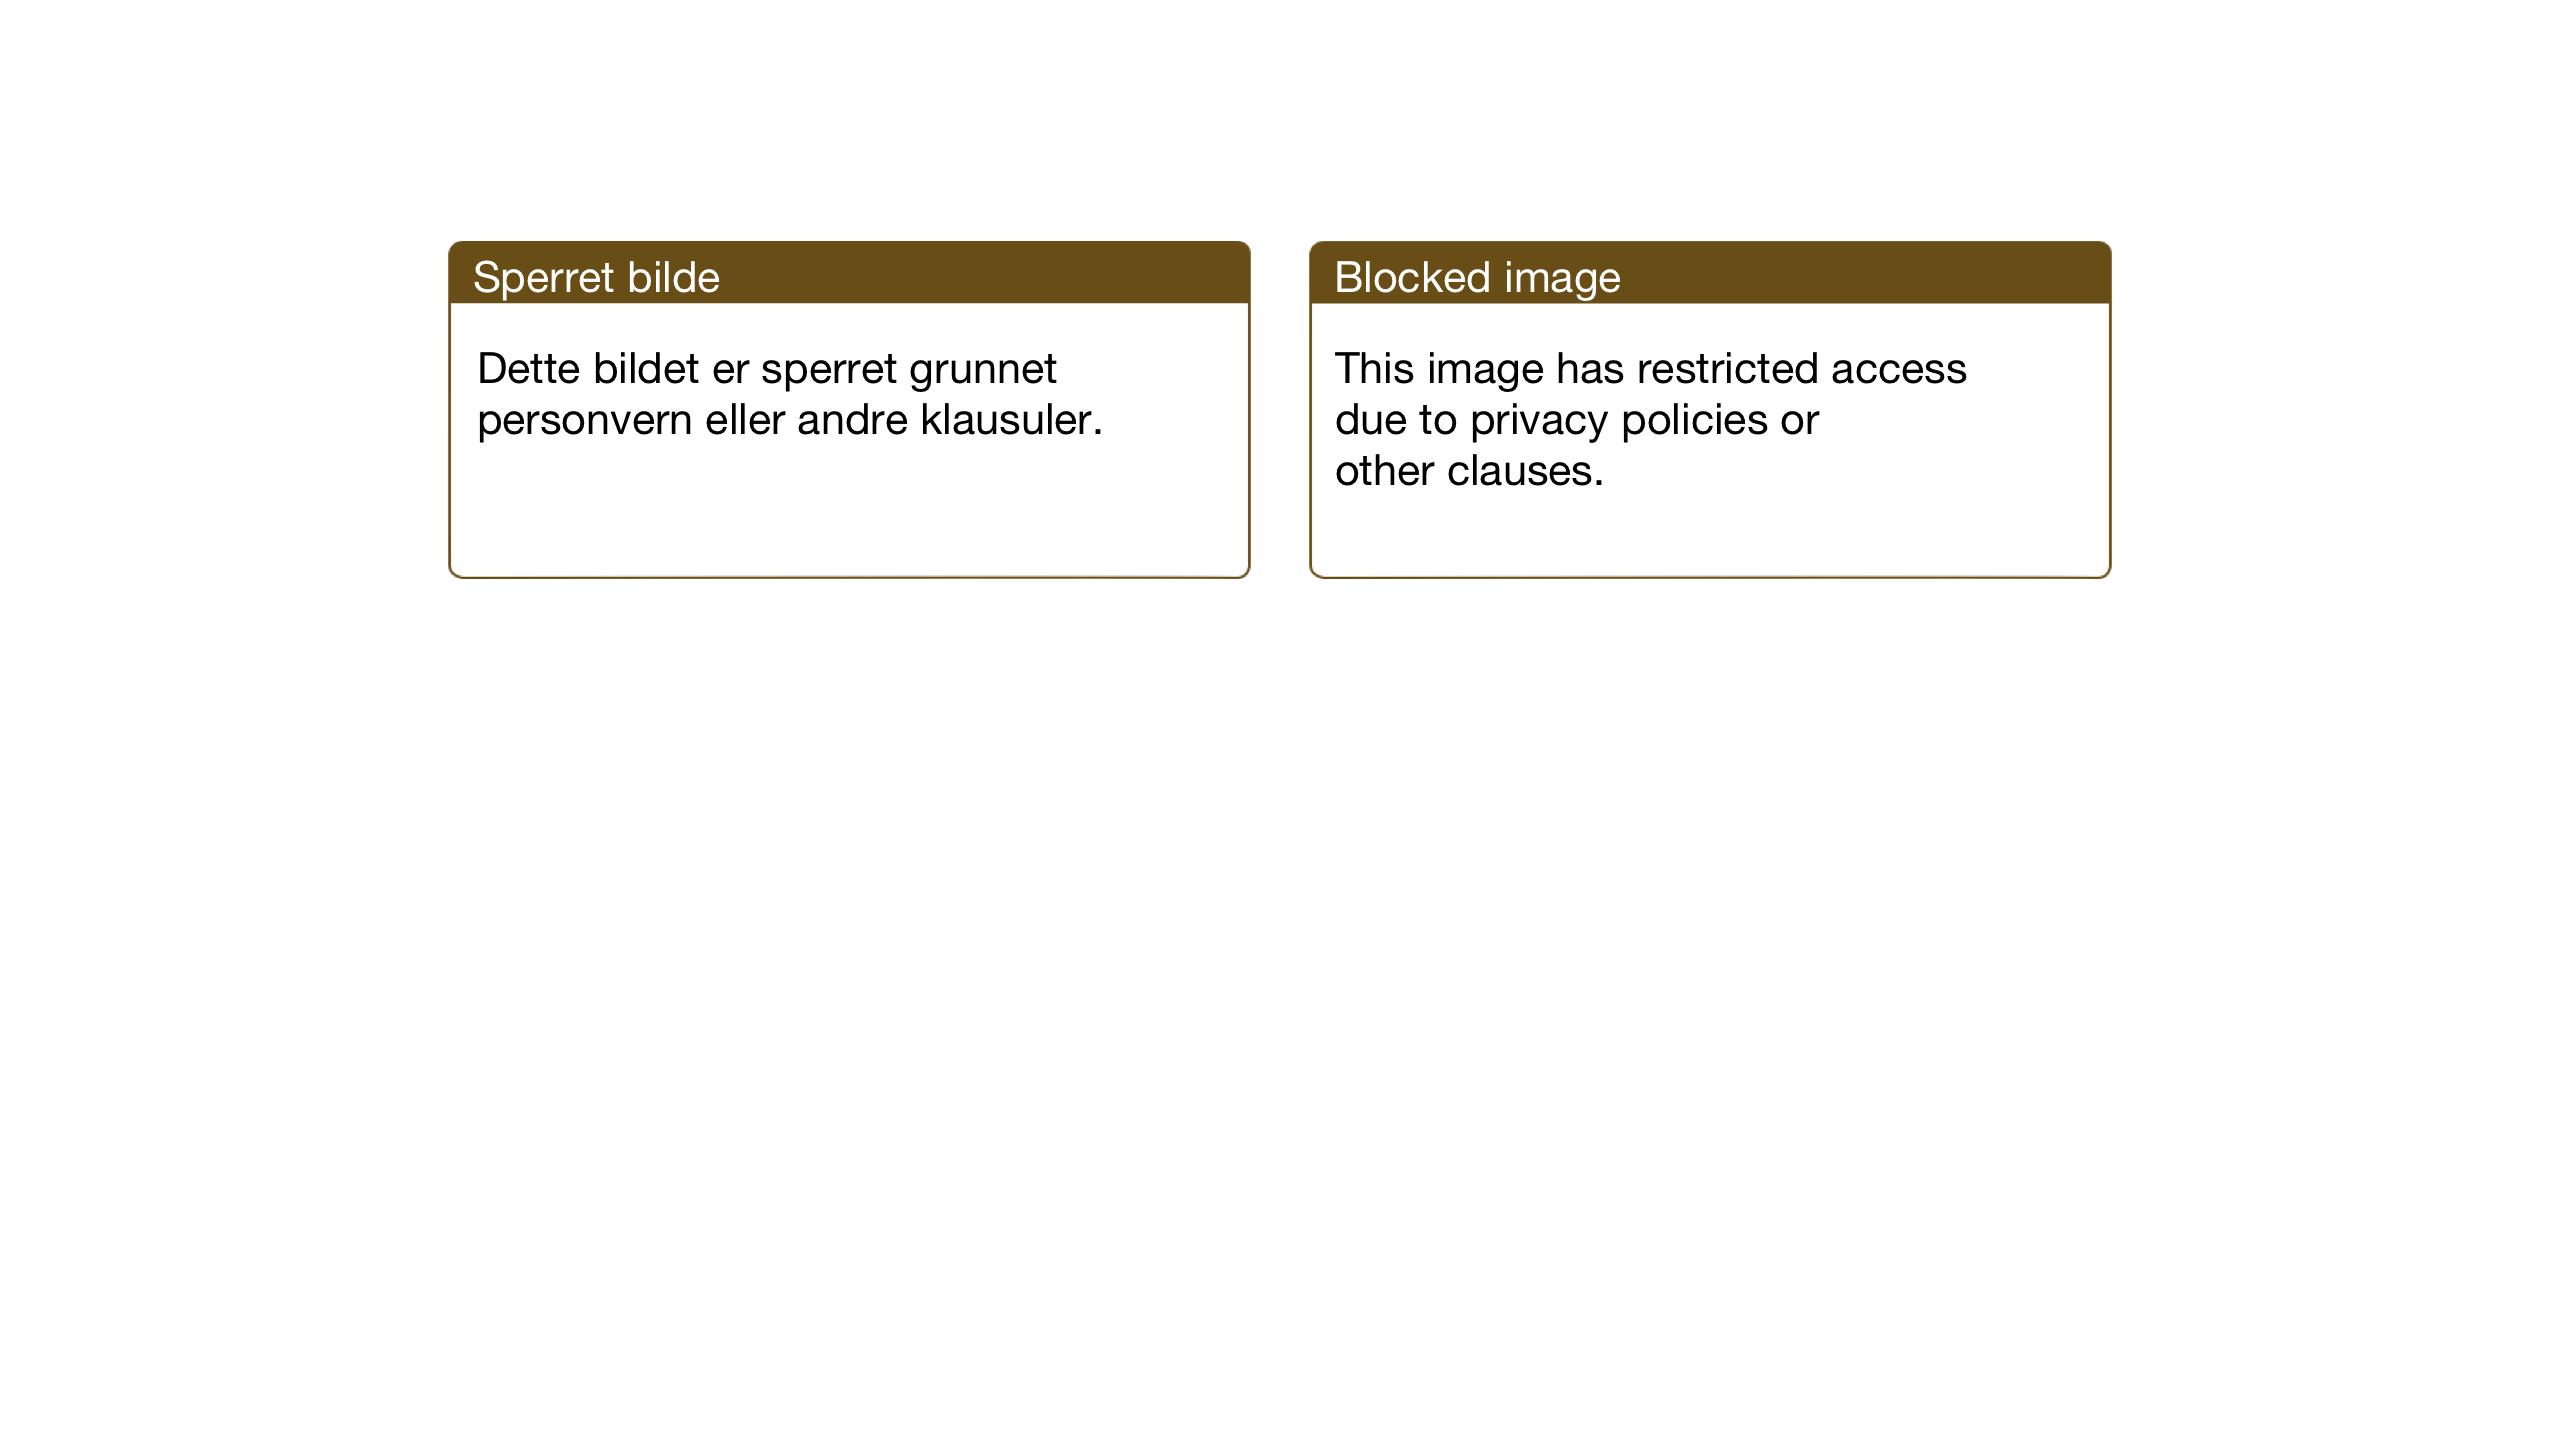 SAT, Ministerialprotokoller, klokkerbøker og fødselsregistre - Nord-Trøndelag, 714/L0136: Klokkerbok nr. 714C05, 1918-1957, s. 156